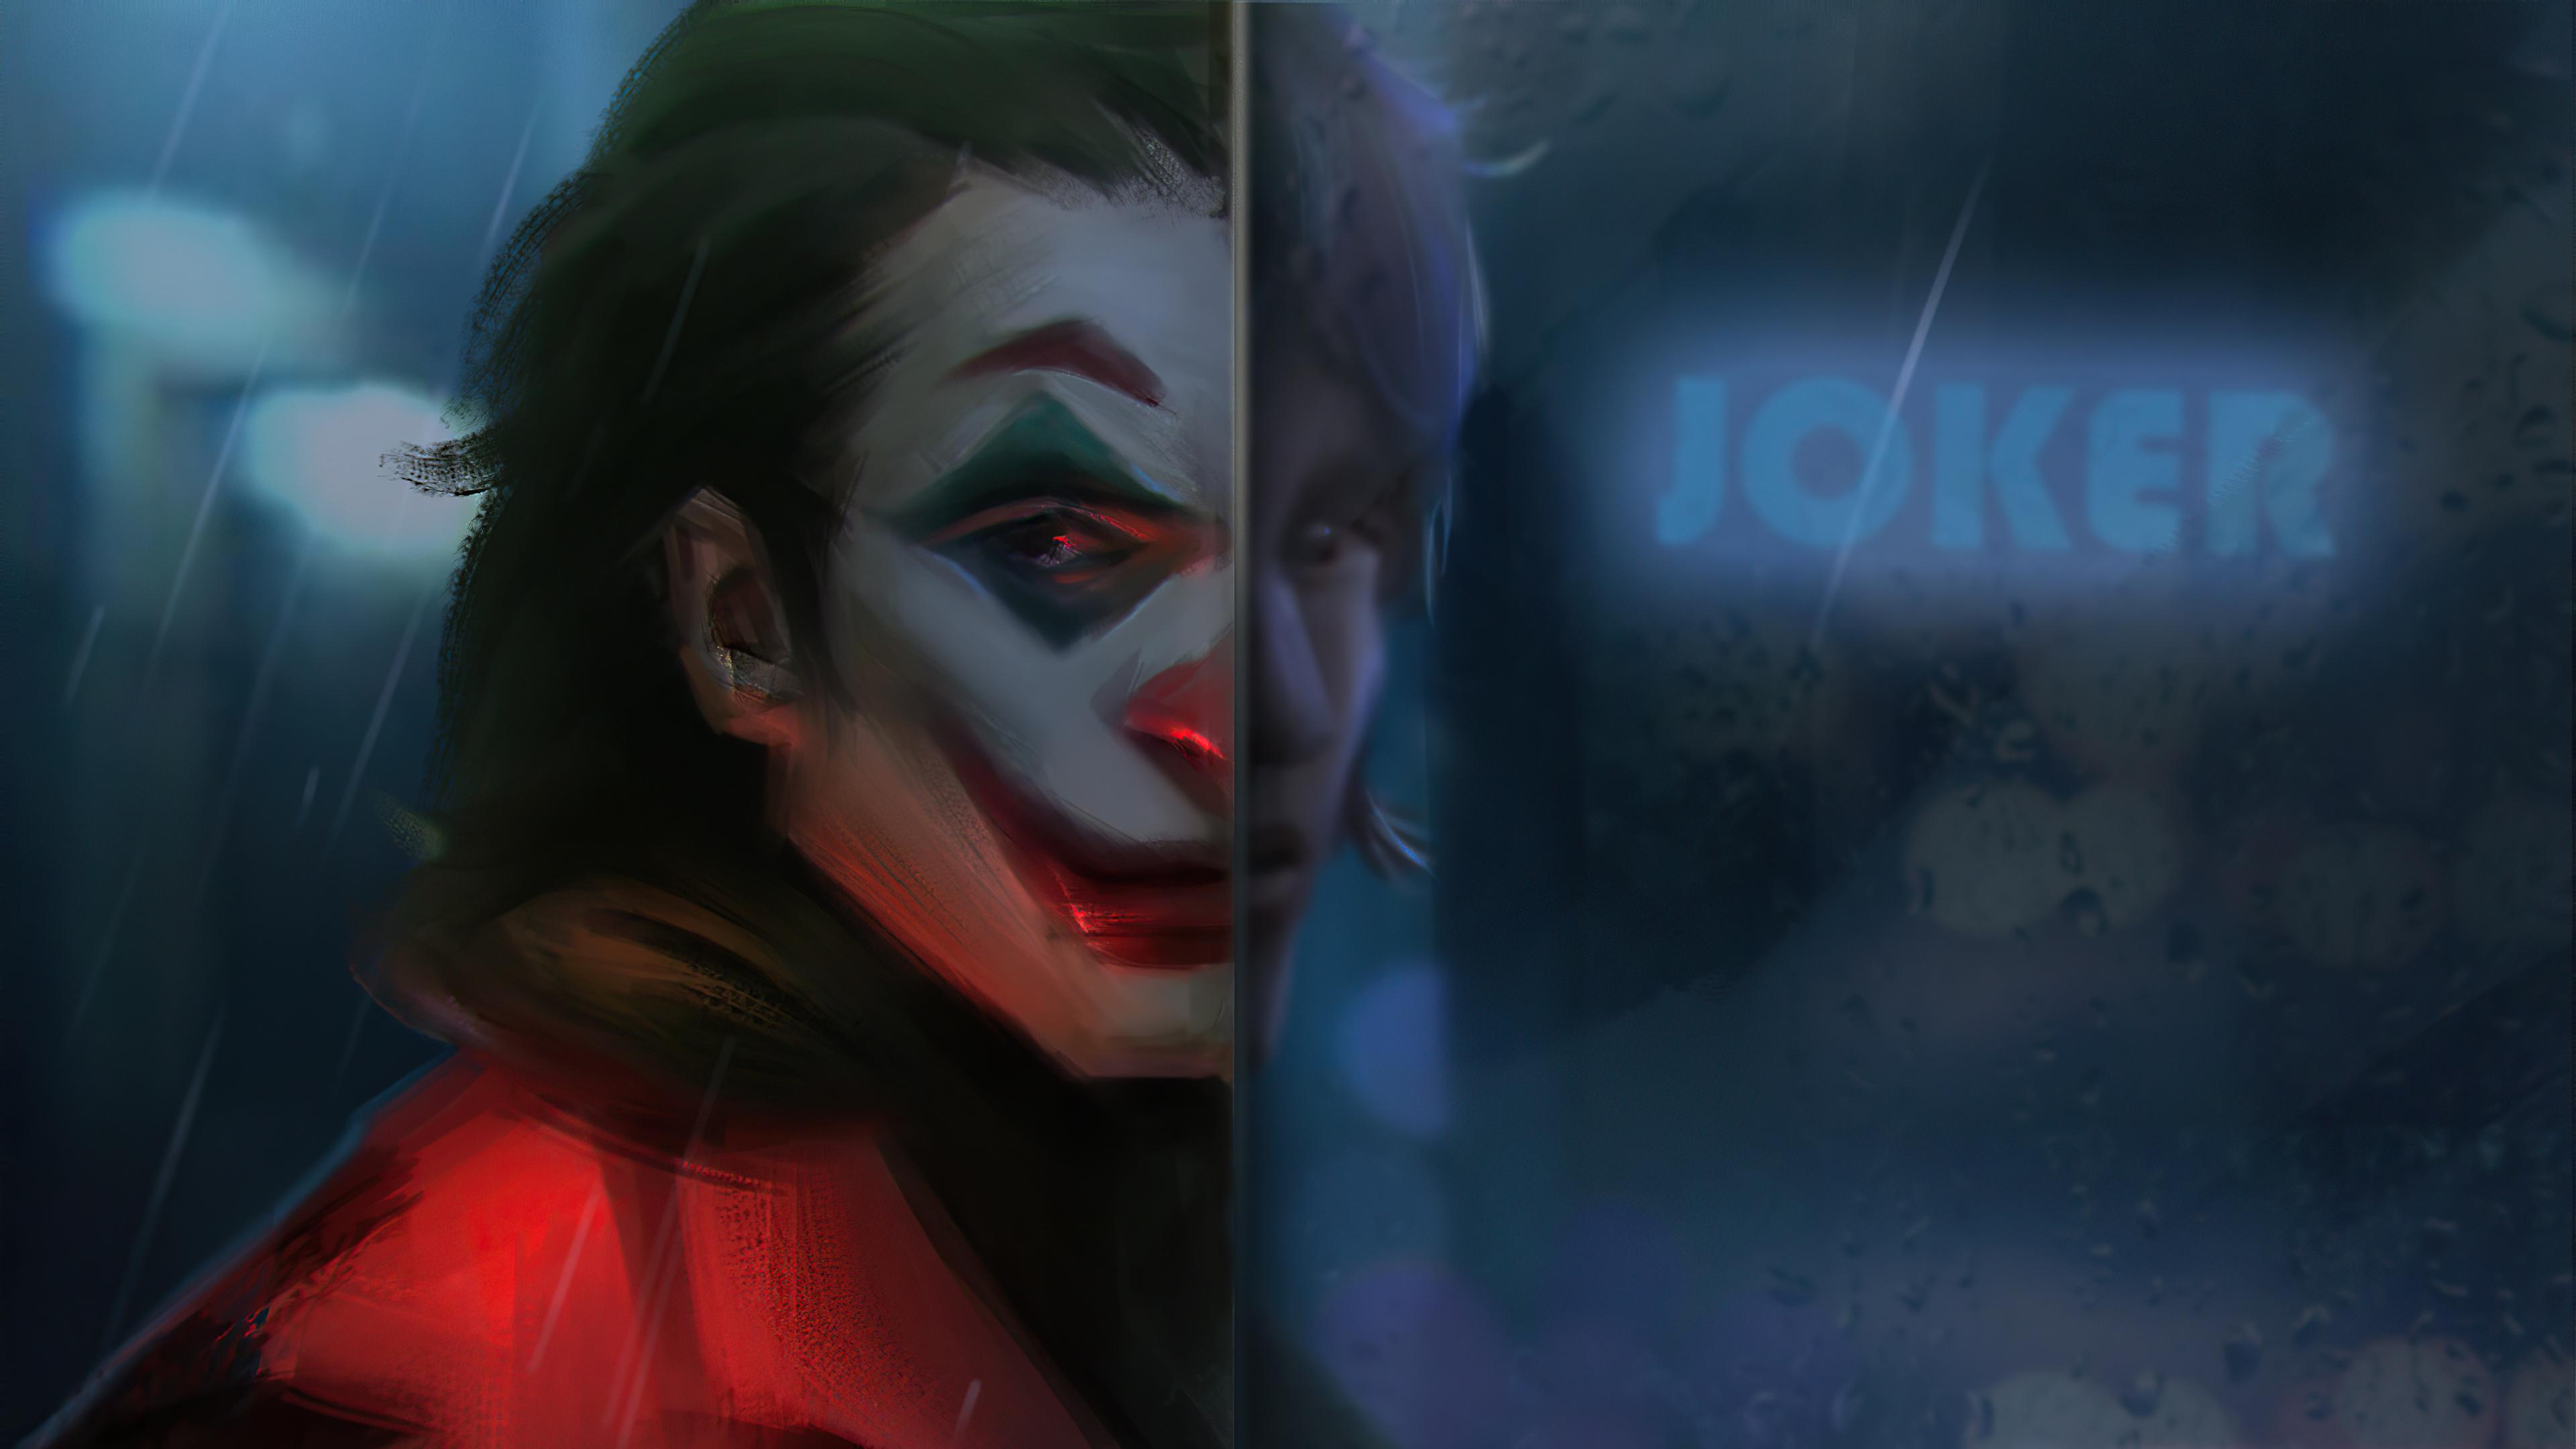 joker 2021 4k 1616954951 - Joker 2021 4k - Joker 2021 4k wallpapers